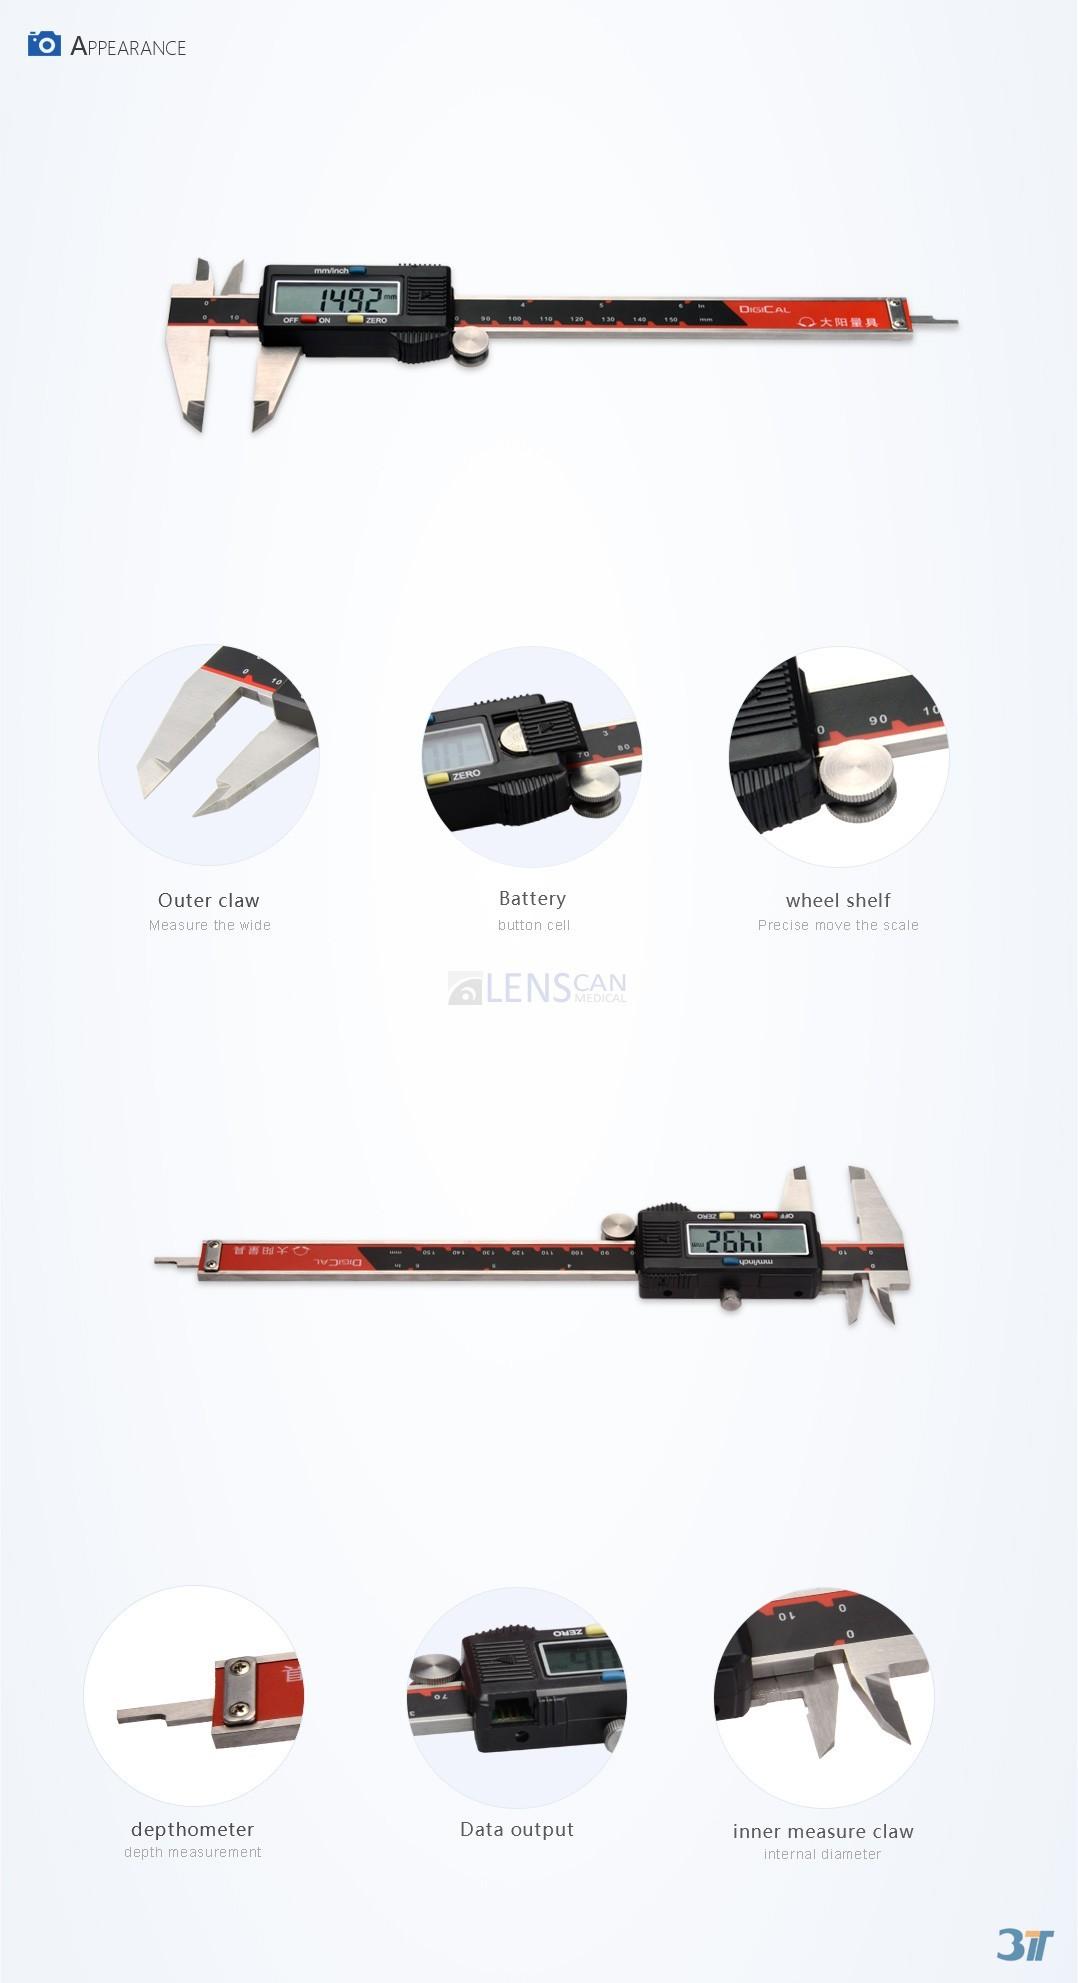 Digital caliper (SE)